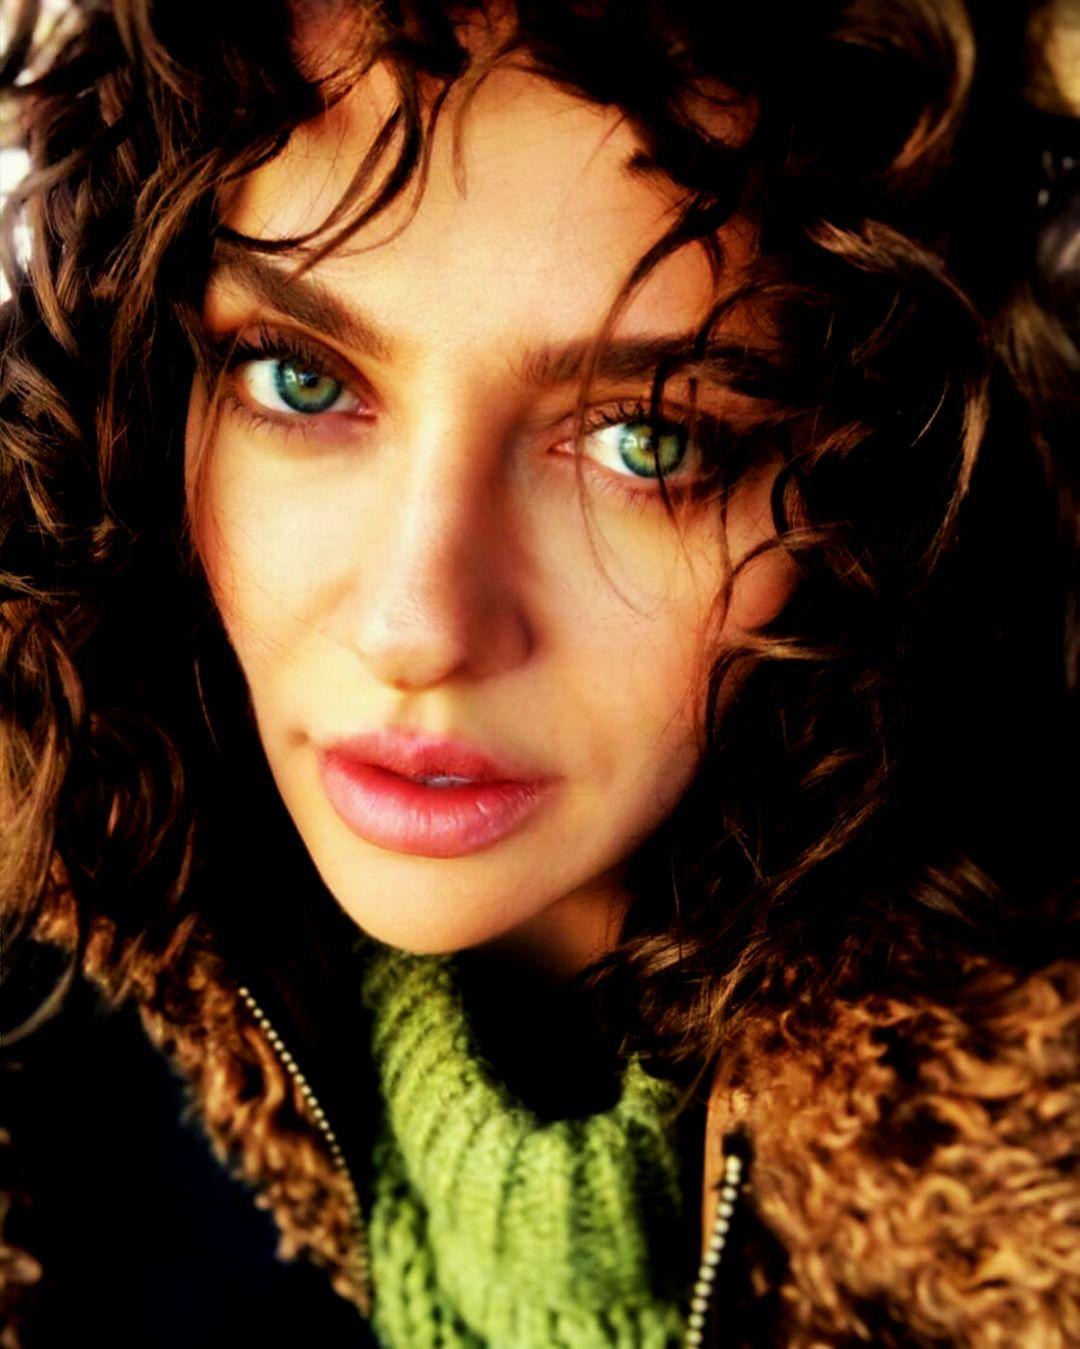 Beautiful Turkish Actress Didem Balcin DP - Dirilis Ertugrul